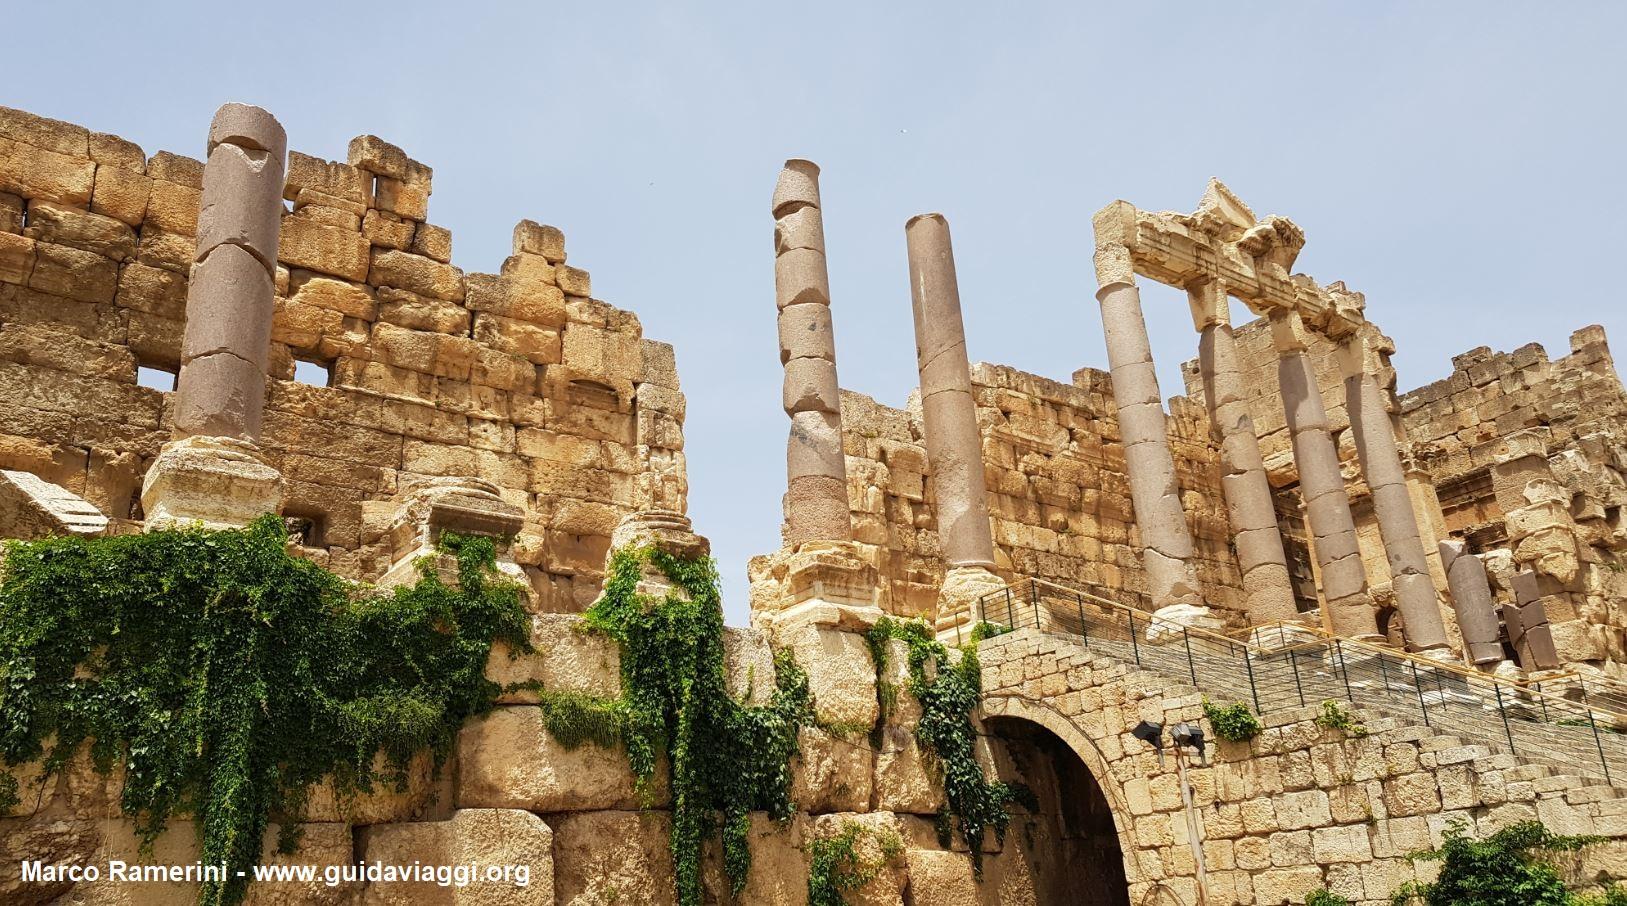 La entrada a Baalbek, Beqa Valley, Líbano. Autor y Copyright Marco Ramerini